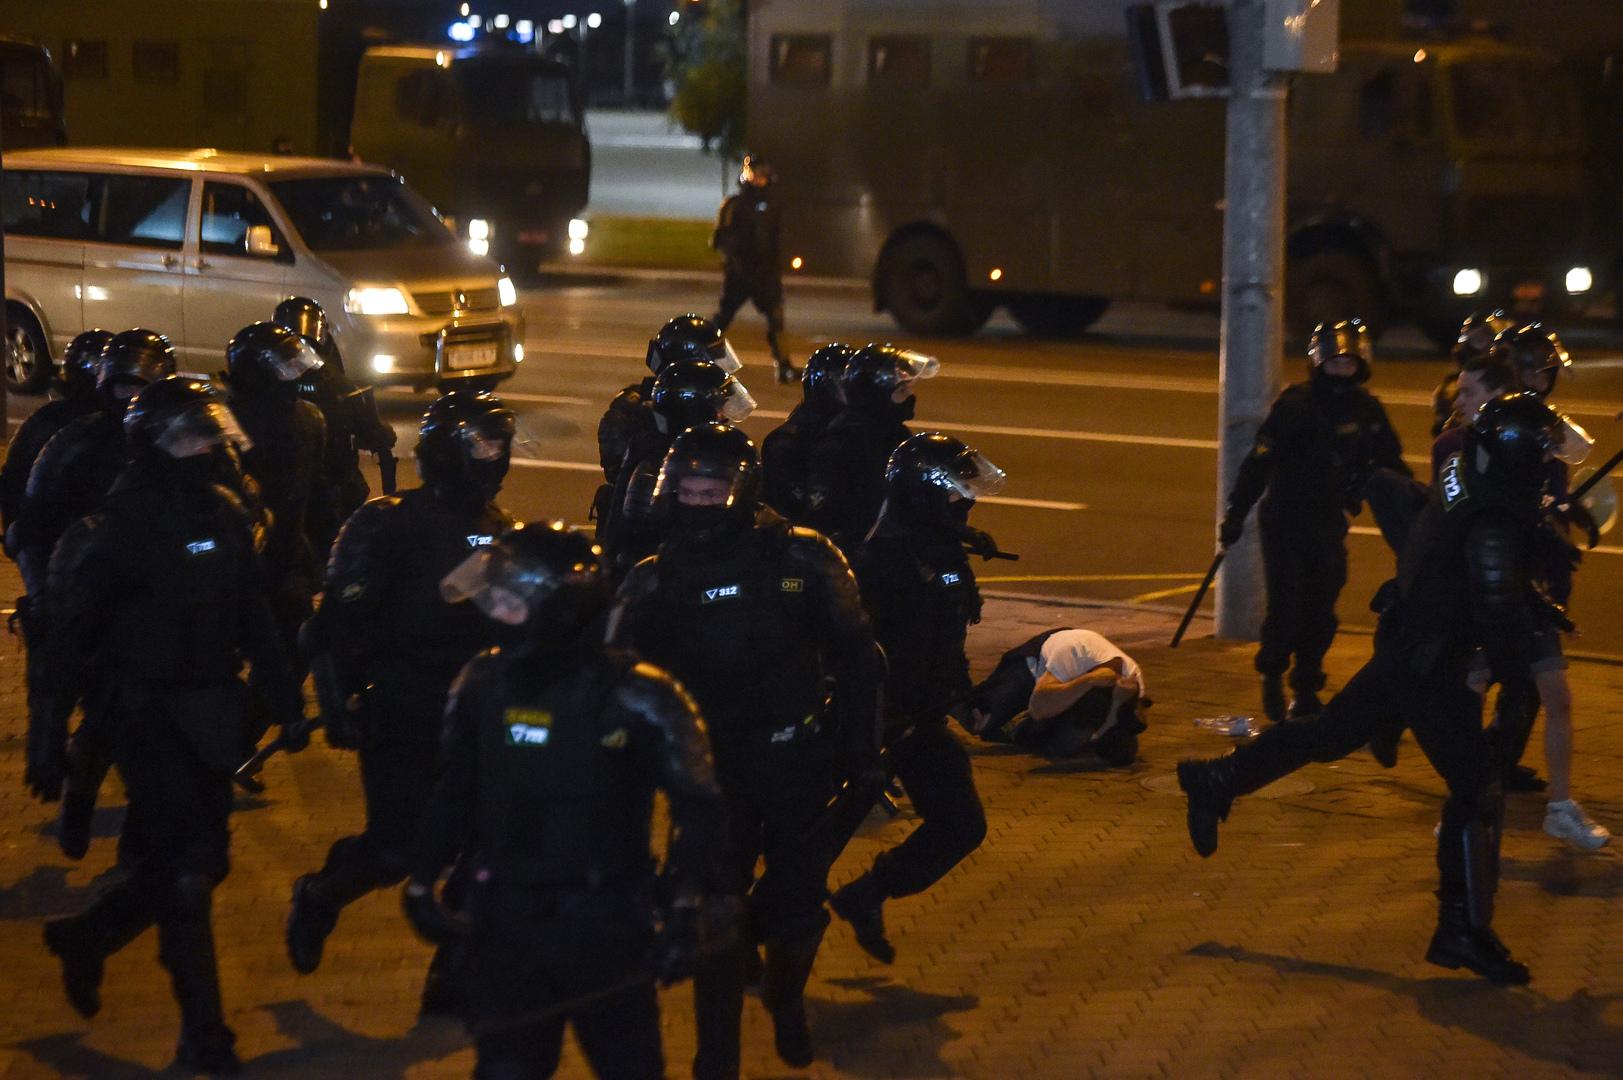 مقتل شخص في الاشتباكات بين الشرطة ومحتجين في عاصمة بيلاروس